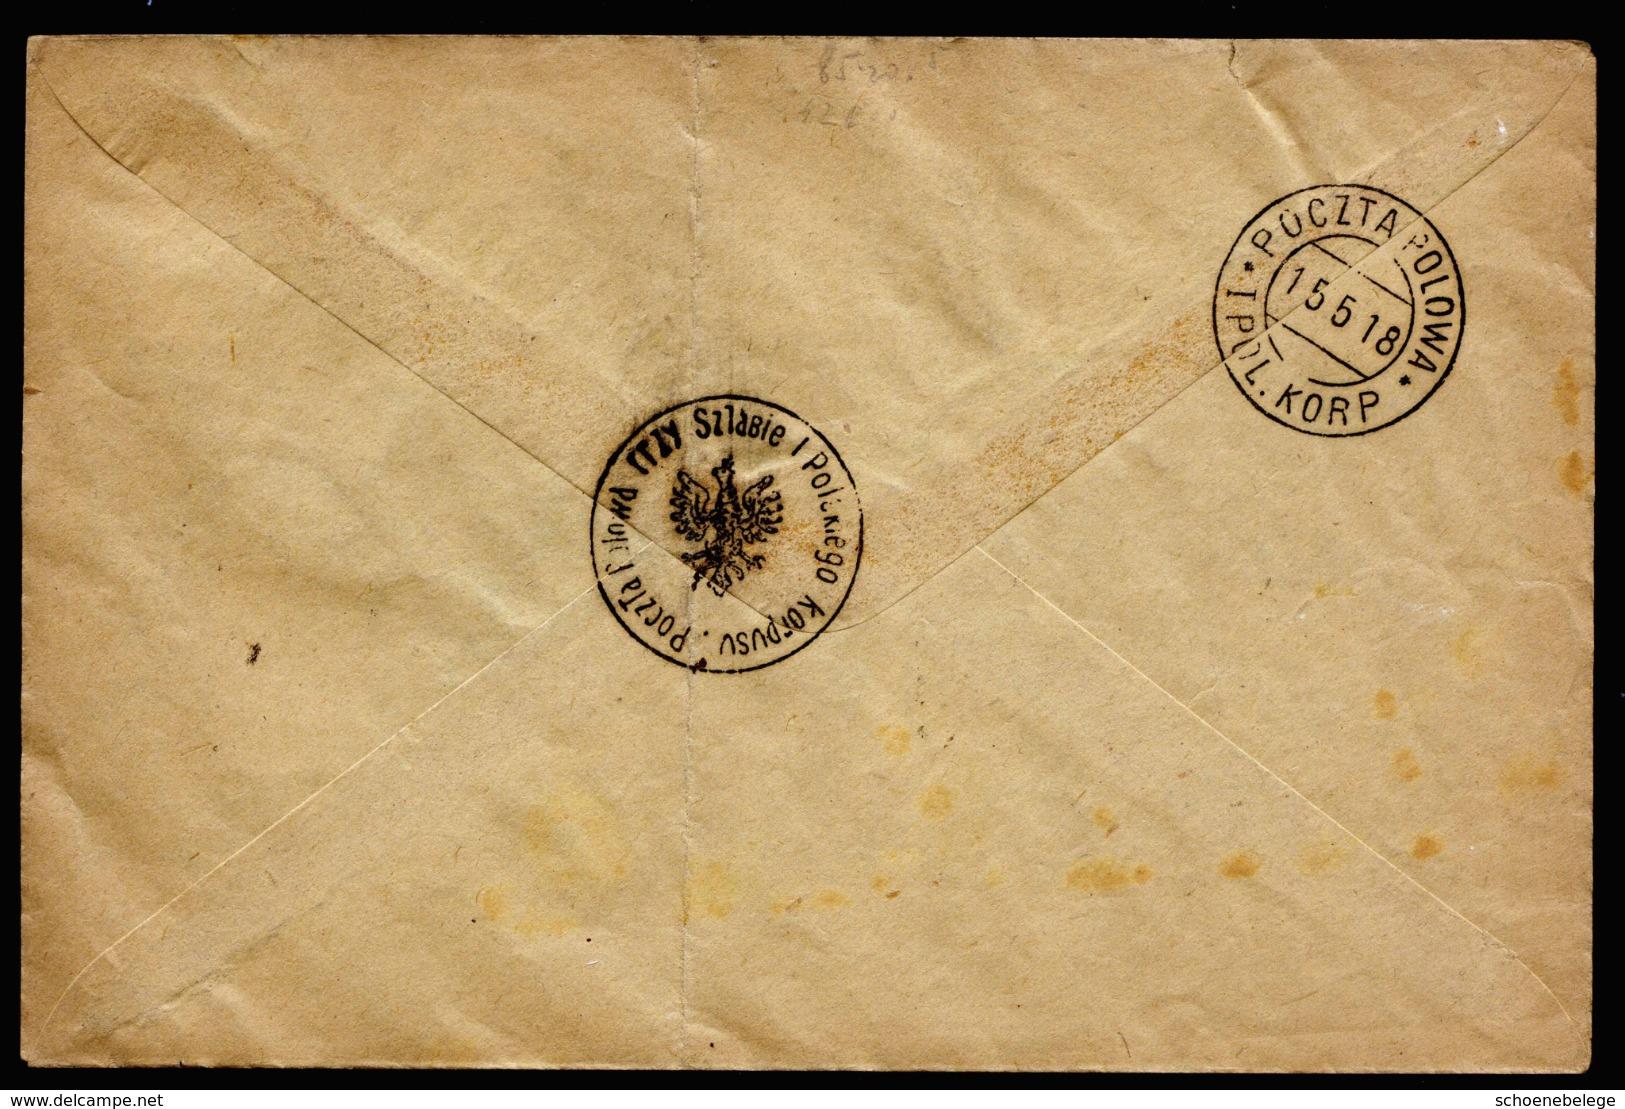 A6334) Poland Polnisches Korps 9 Verschied. Marken Auf Umschlag Mit Stempel 15.5.18 - Covers & Documents